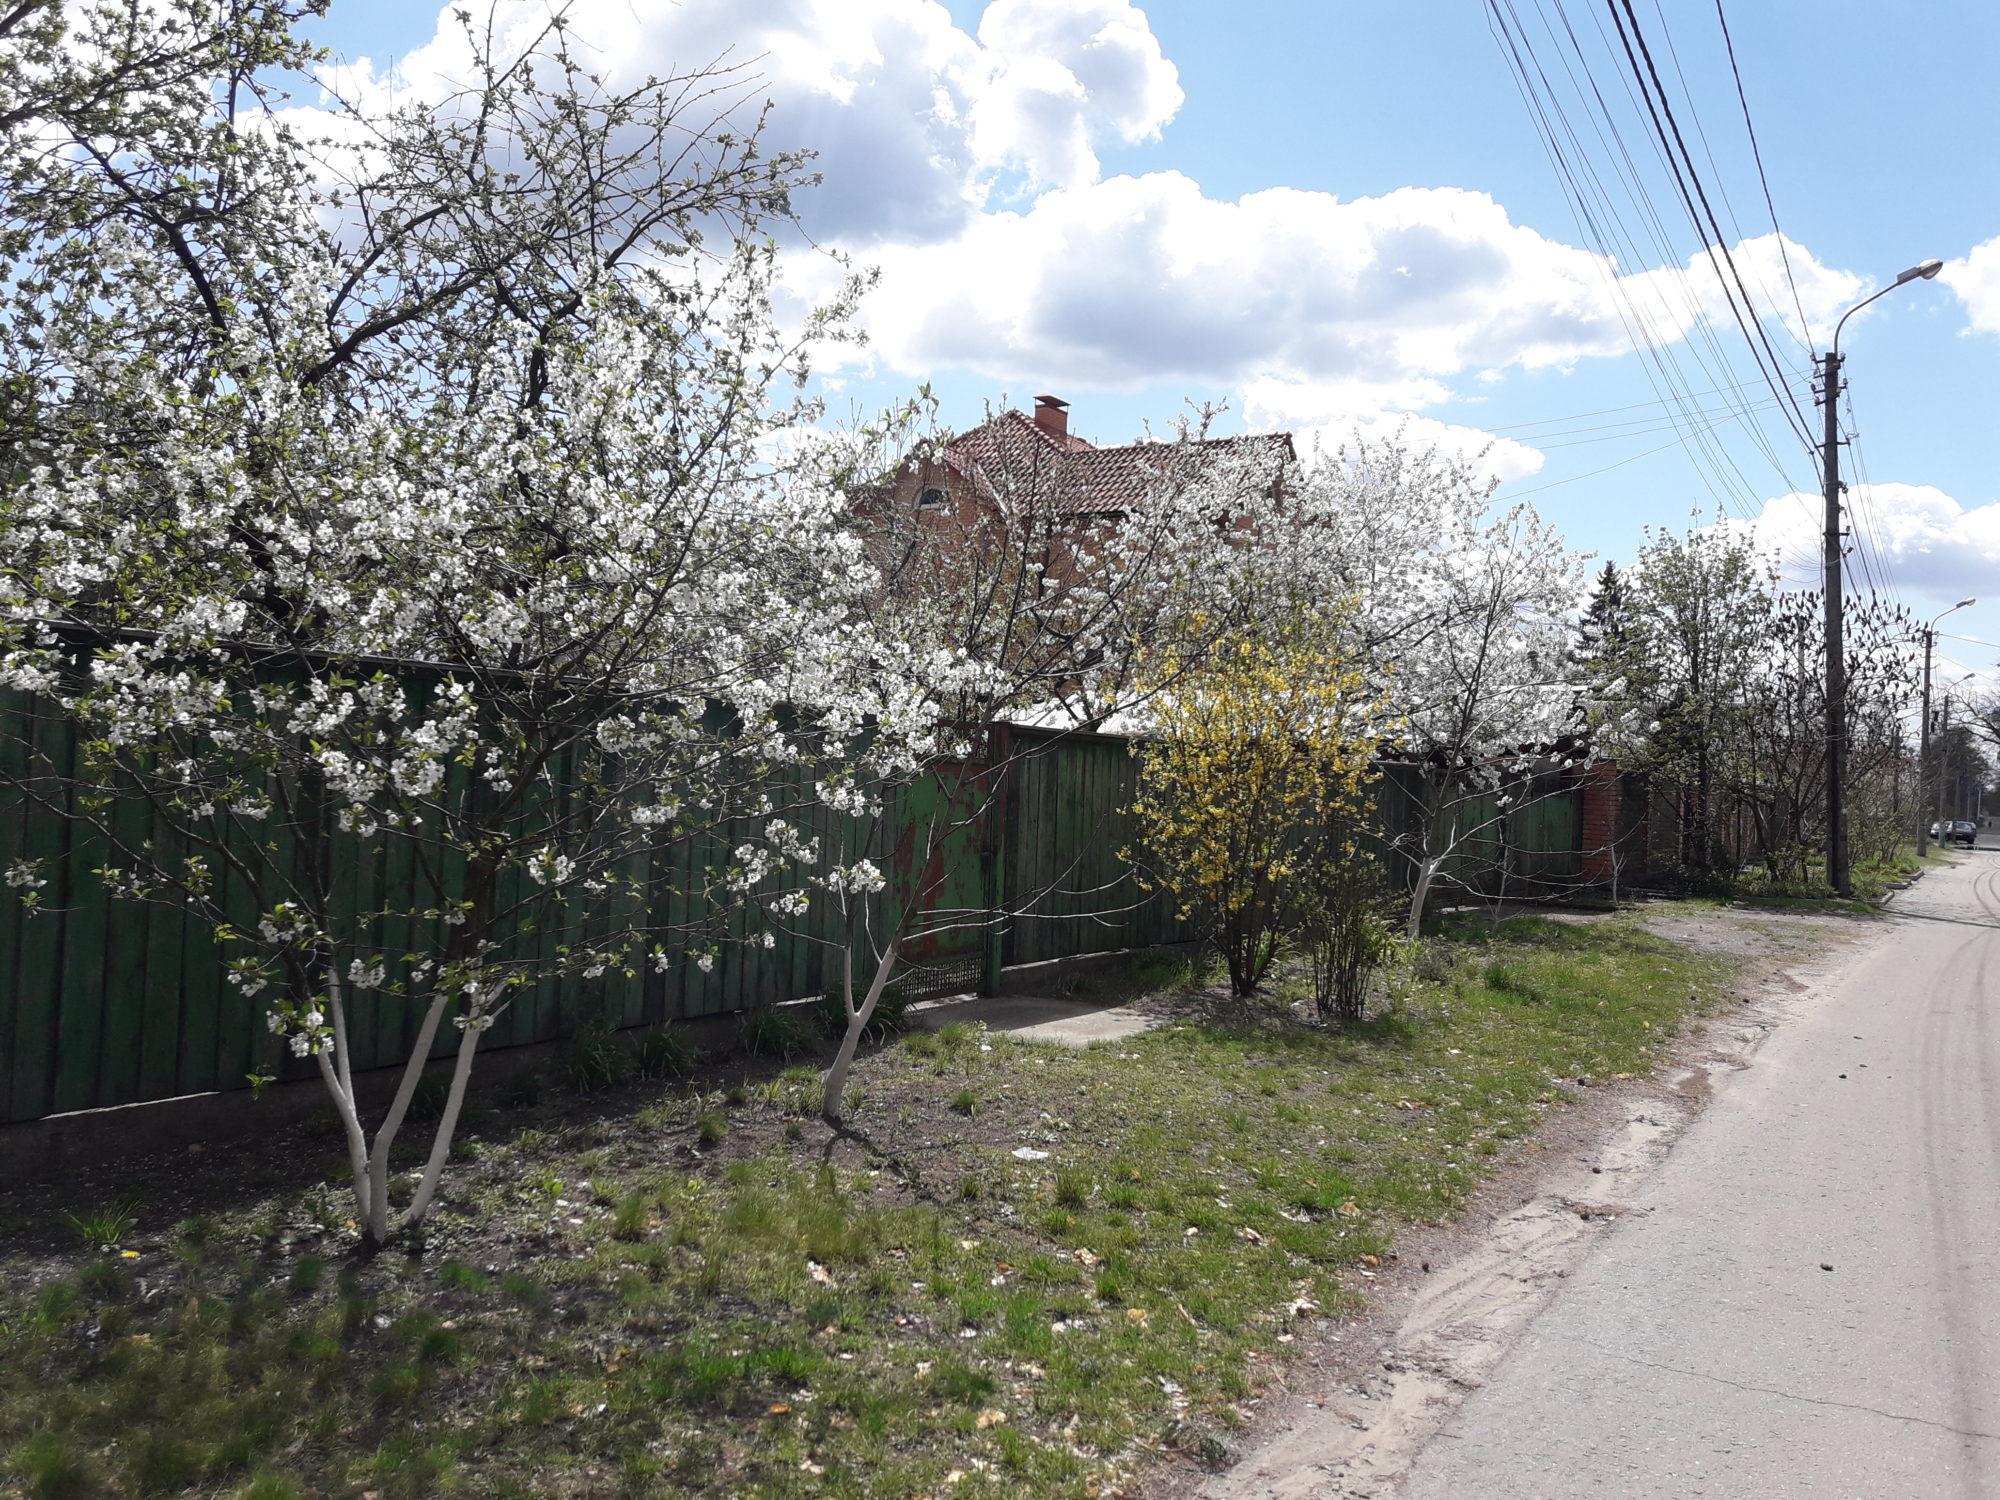 Ірпінь квітне: у місті настає пік цвітіння дерев та кущів (ФОТО) -  - 20200427 123539 2000x1500